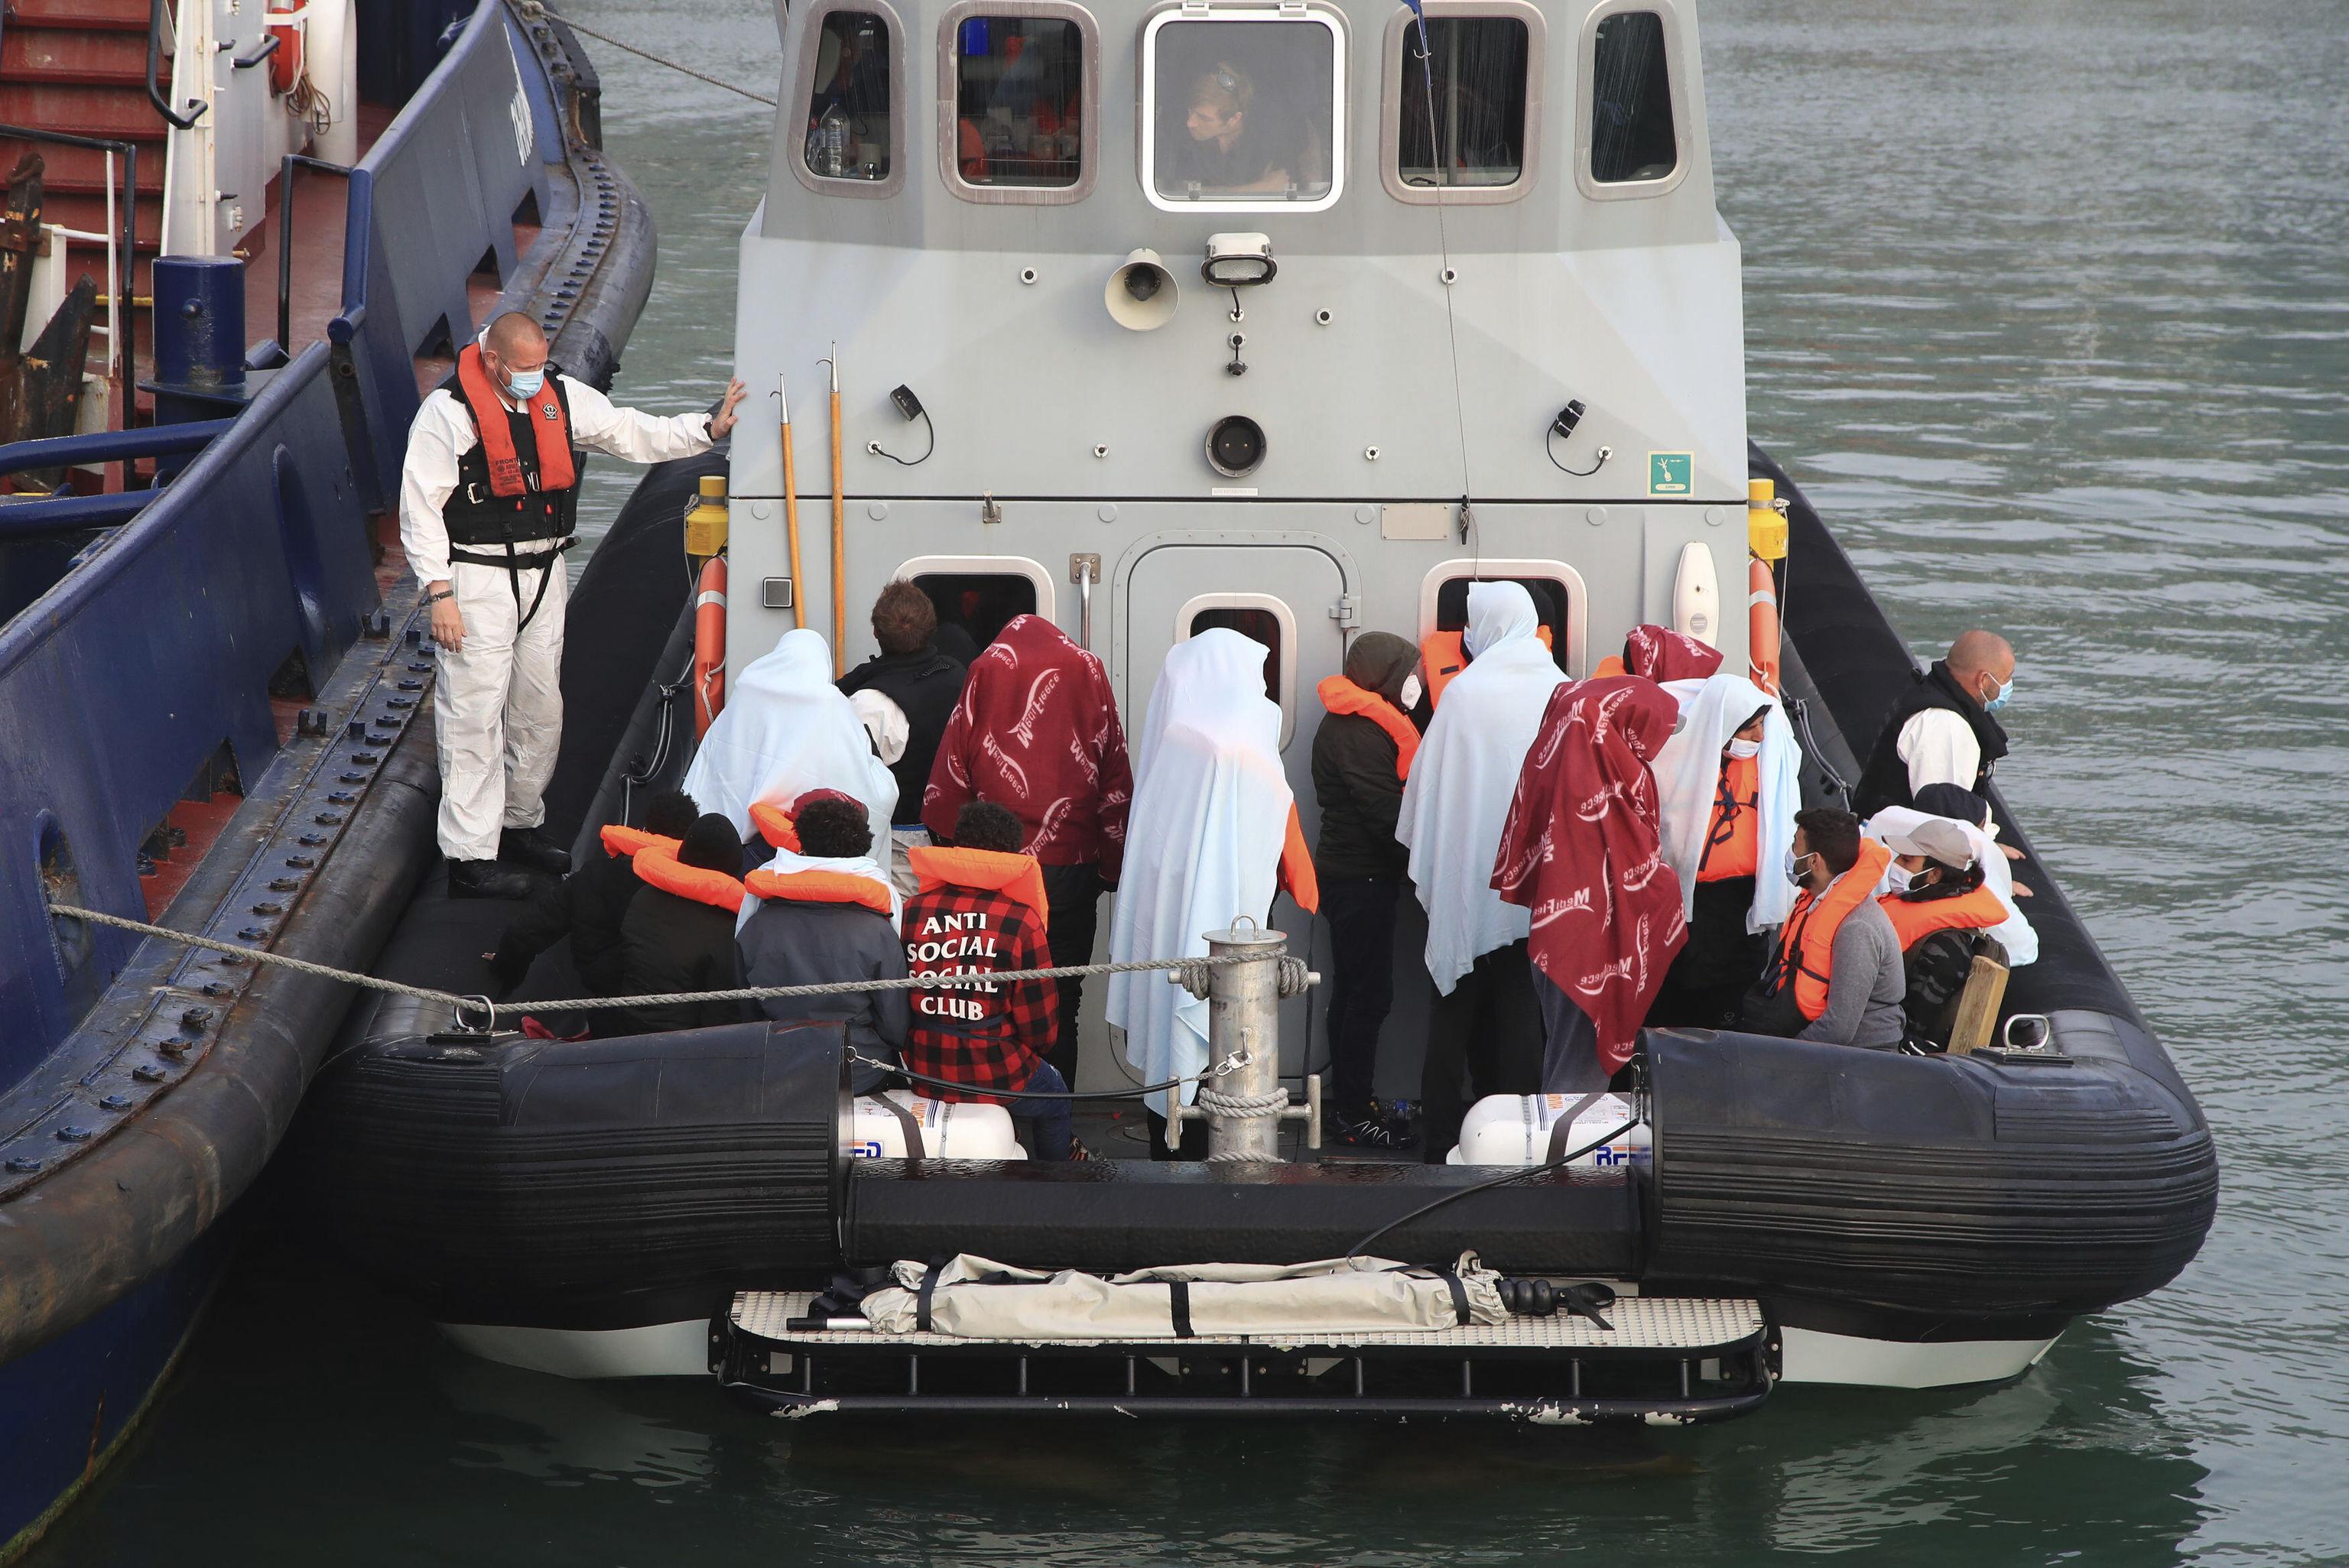 Un barco traslada a un grupo de migrantes que trataba de cruzar el Canal de la Mancha.